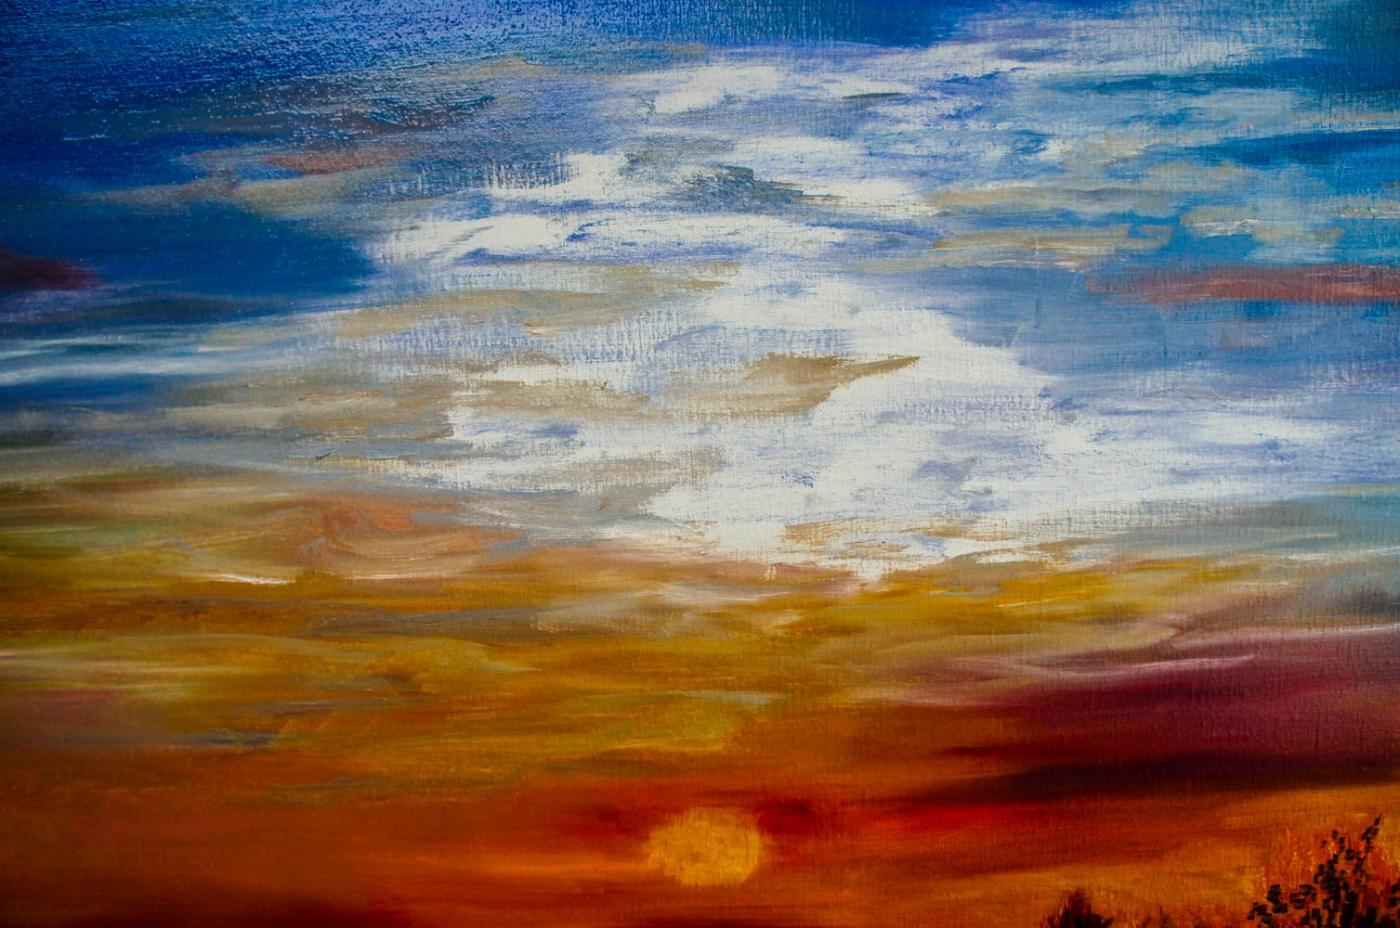 Sunset, dunes of Wassenaar